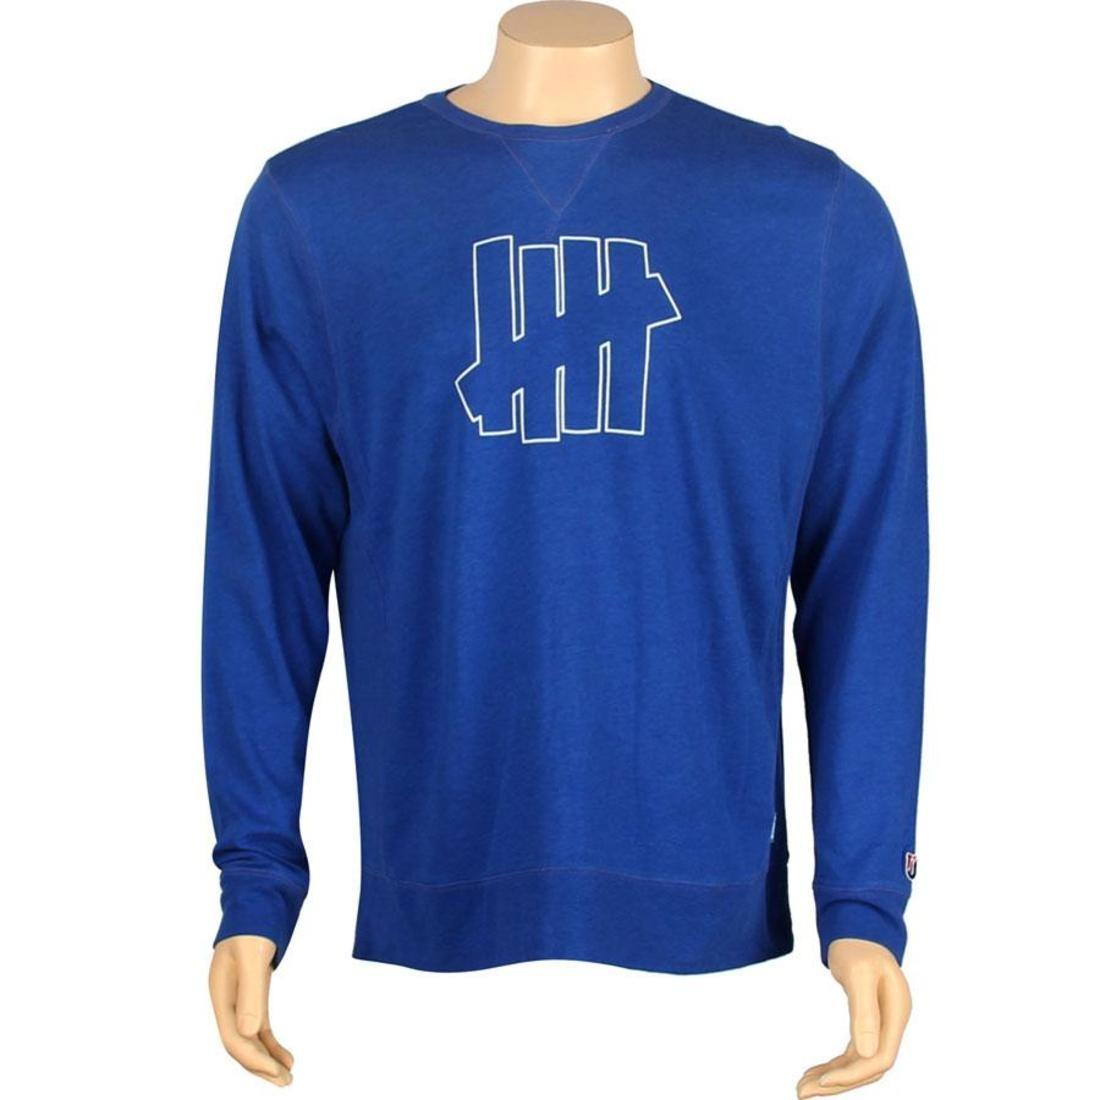 【スーパーセール中! 6/11深夜2時迄】UNDEFEATED ストライク メンズファッション トップス Tシャツ カットソー メンズ 【 U And D 5 Strike Crewneck (blue) 】 Blue